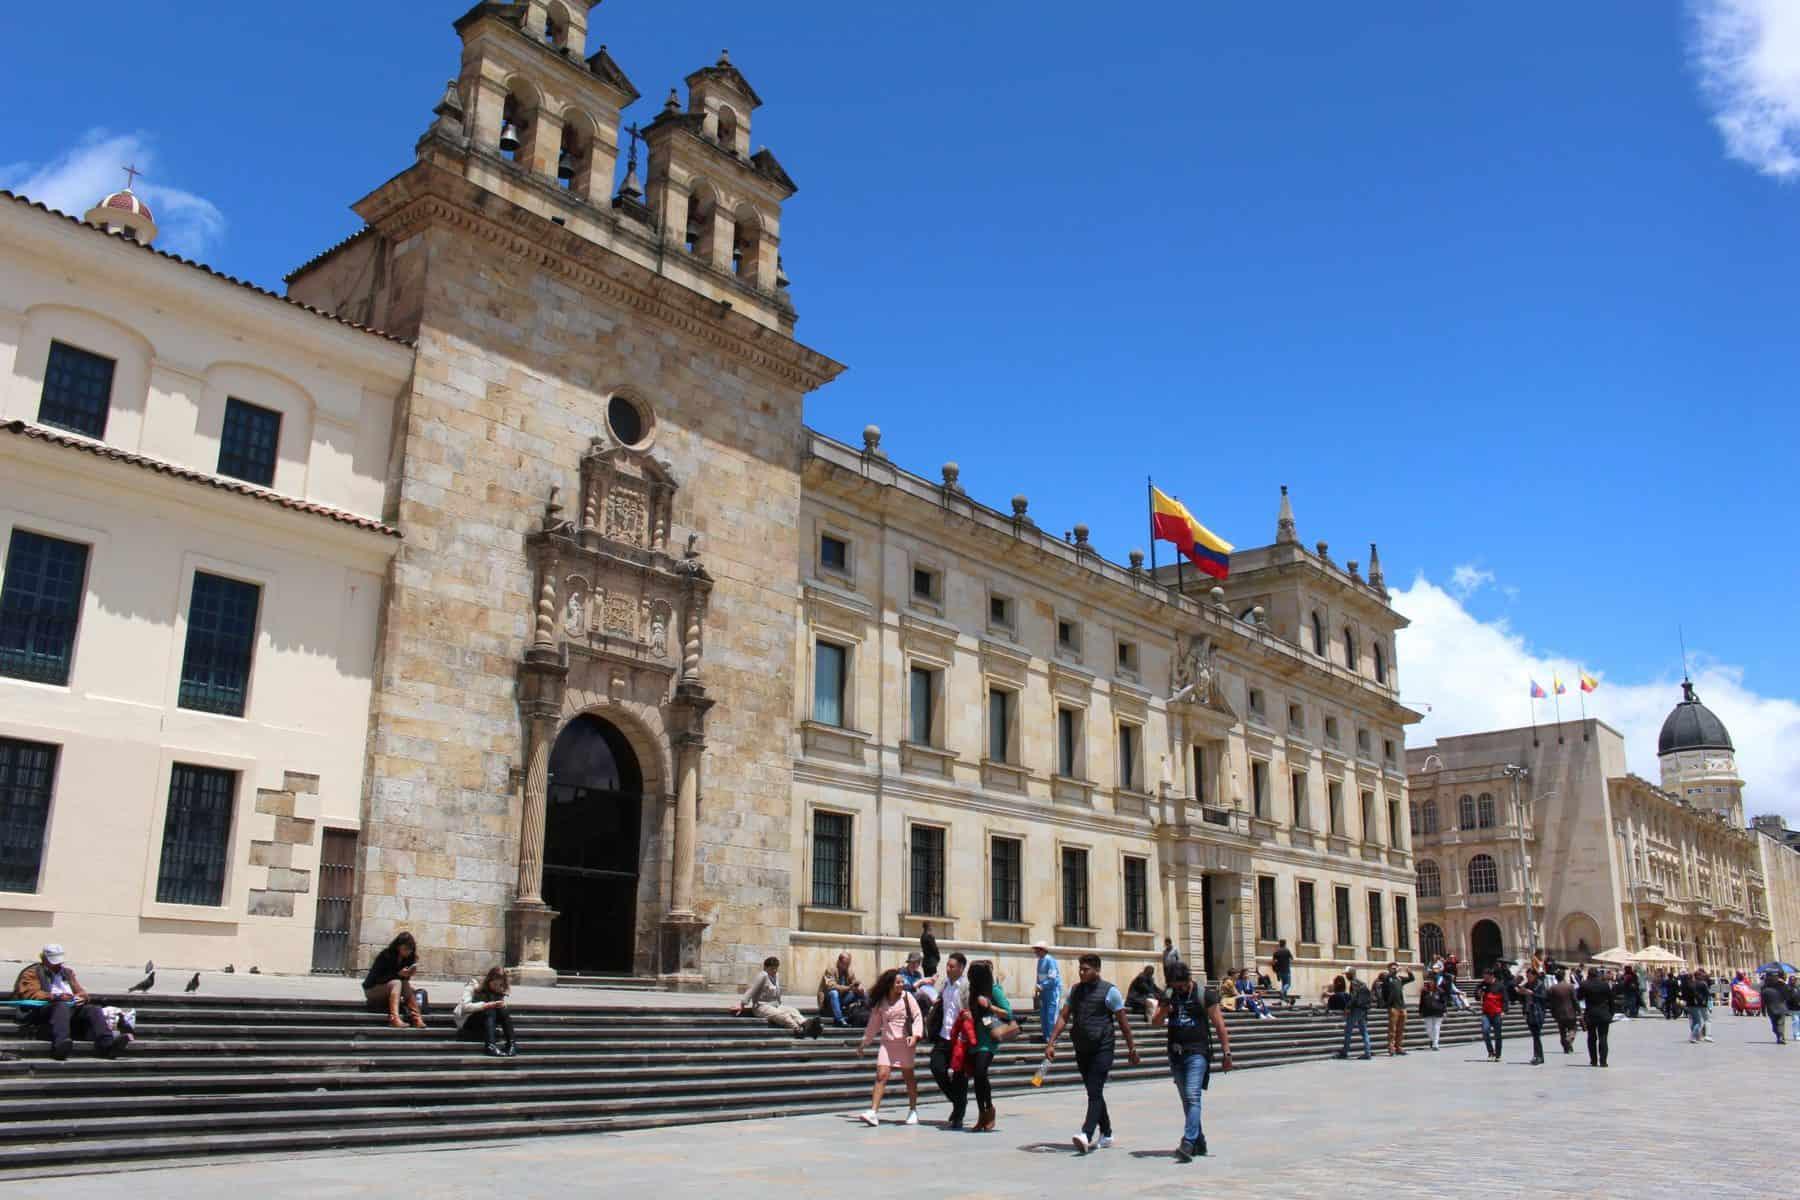 Simon Bolivar Square